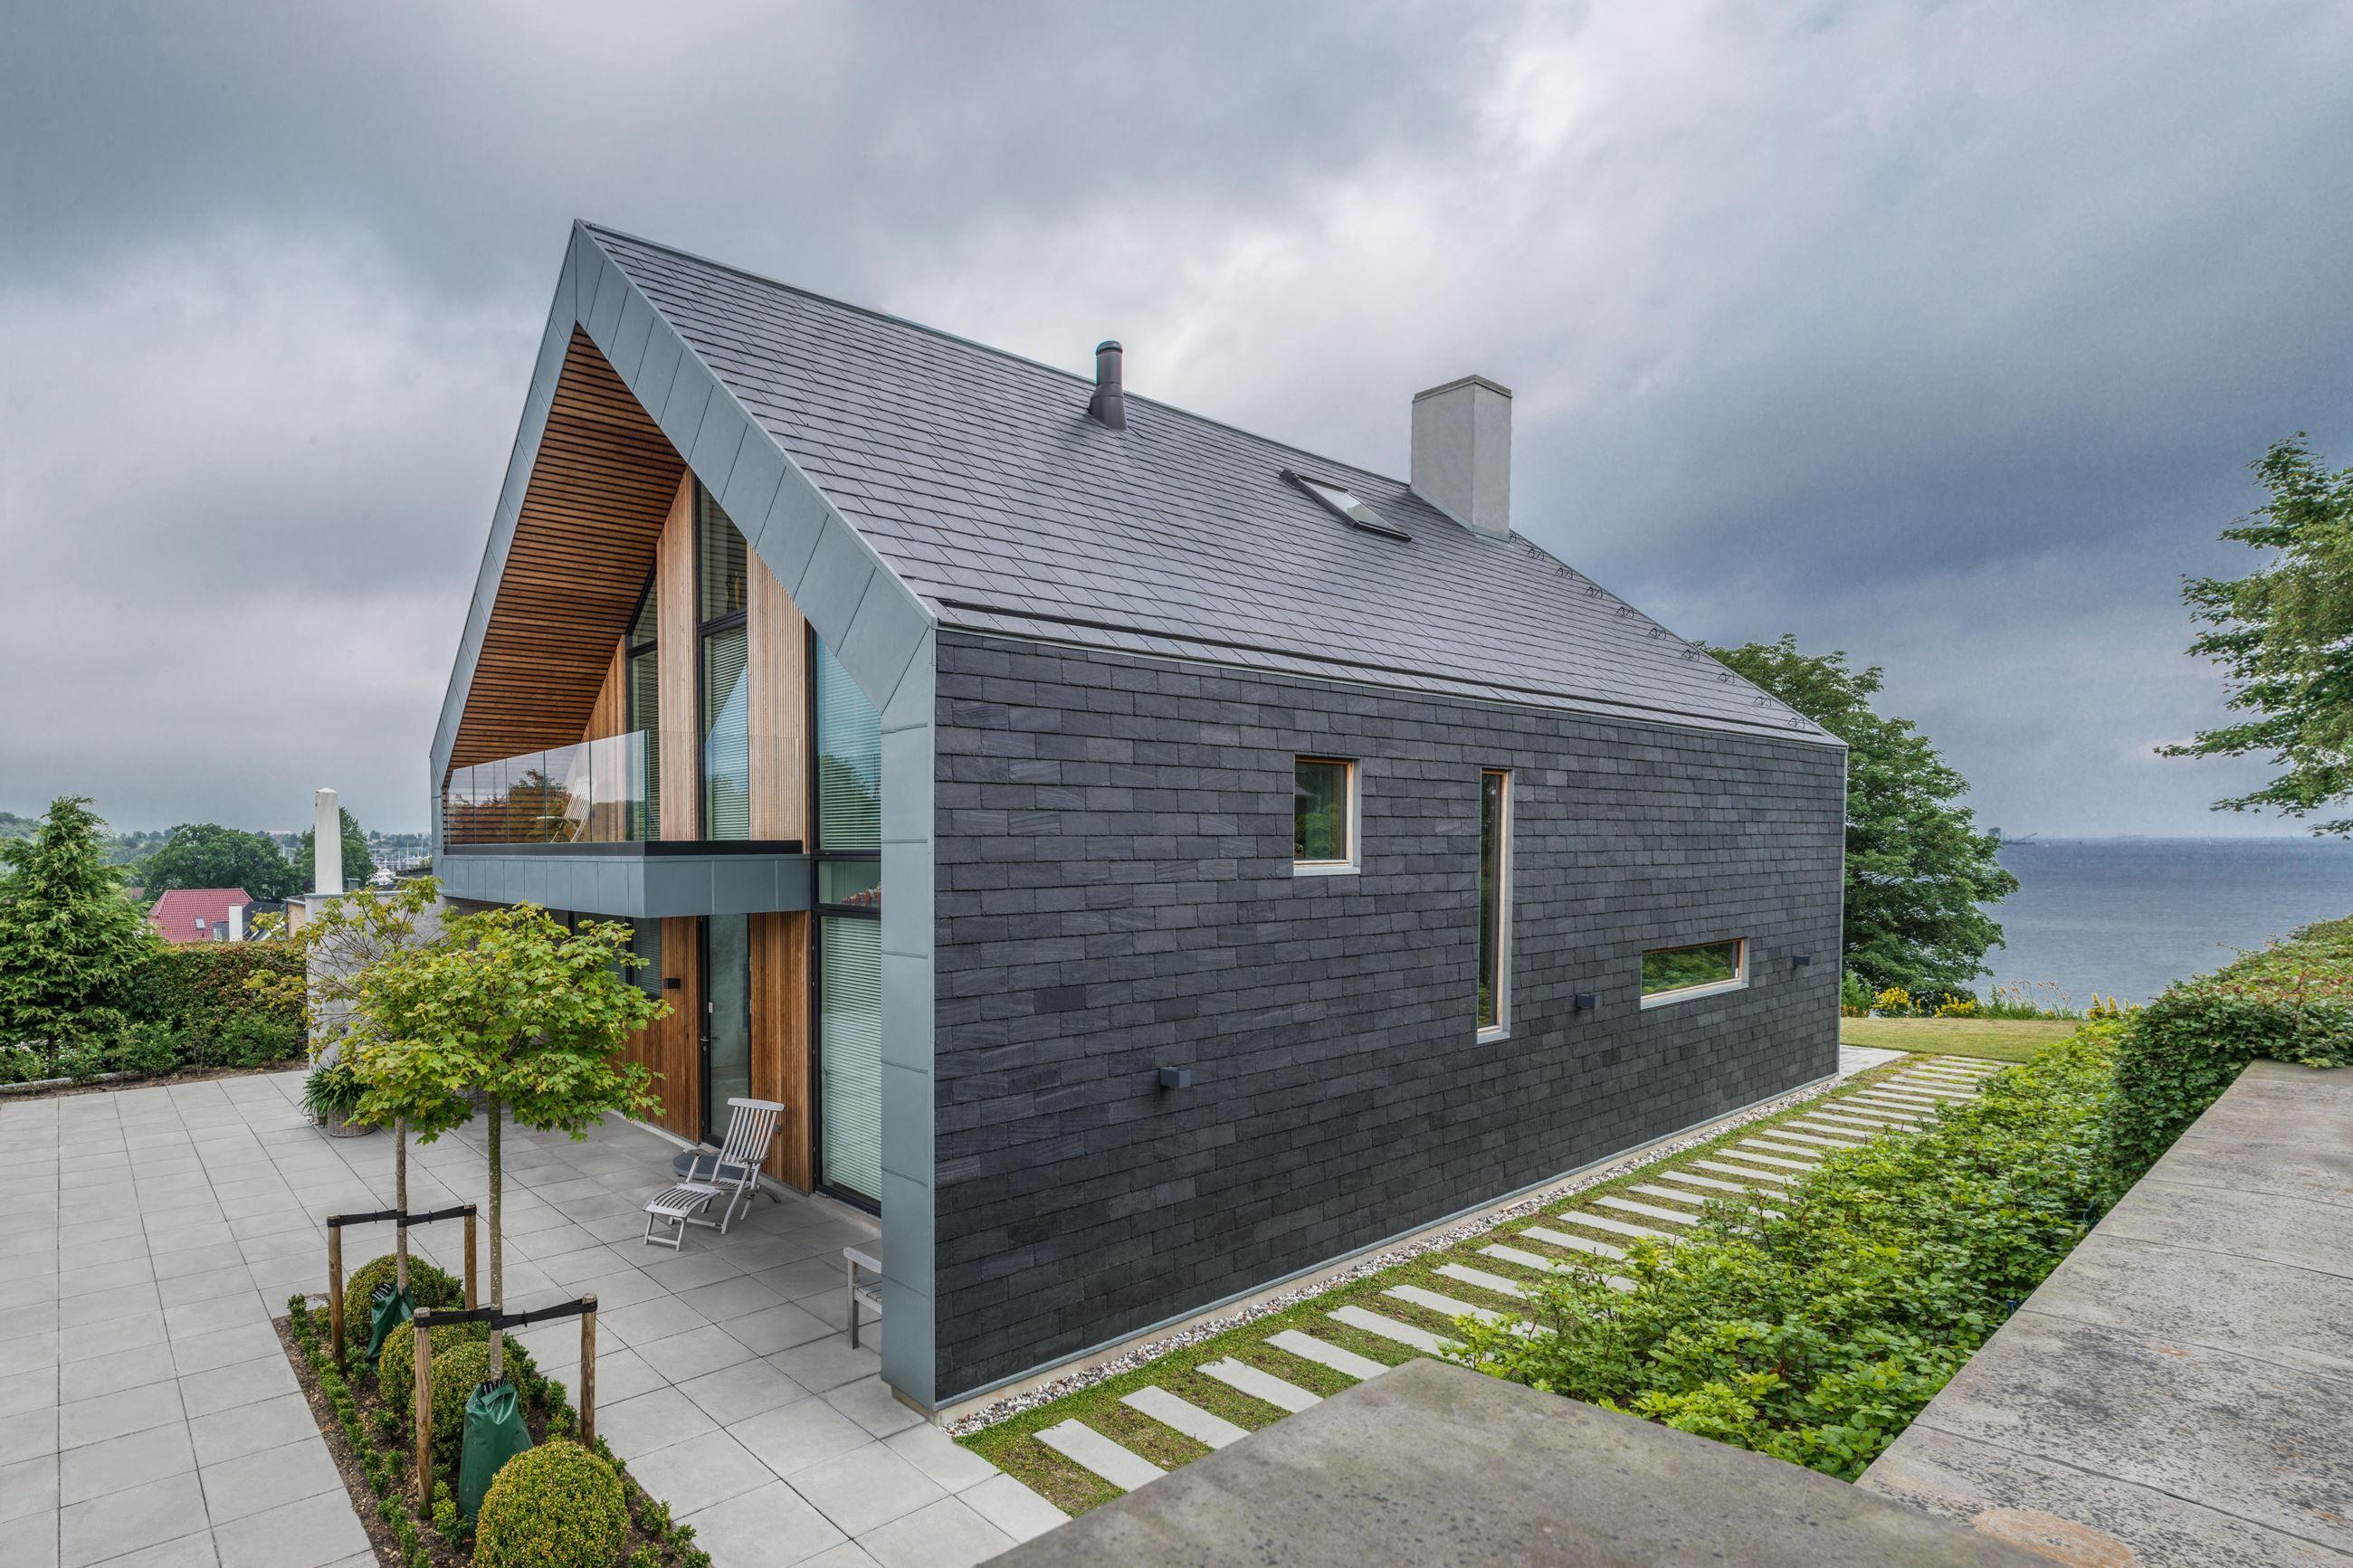 Villa P Modernes haus außen, Haus außendesign, Steinfassade